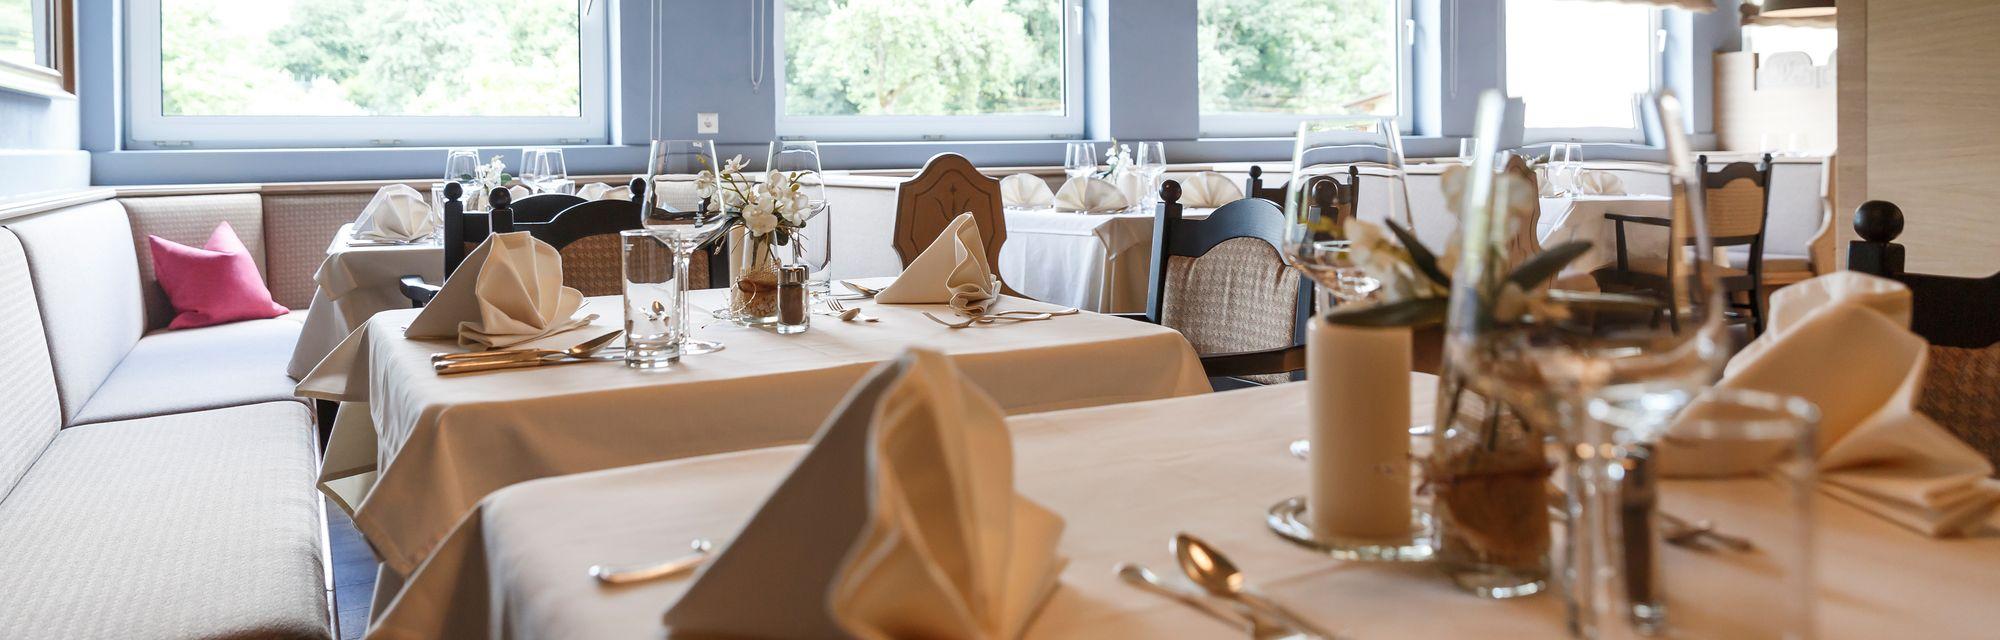 Gemütlicher Speisesaal im Hotel Streklhof in Kärnten